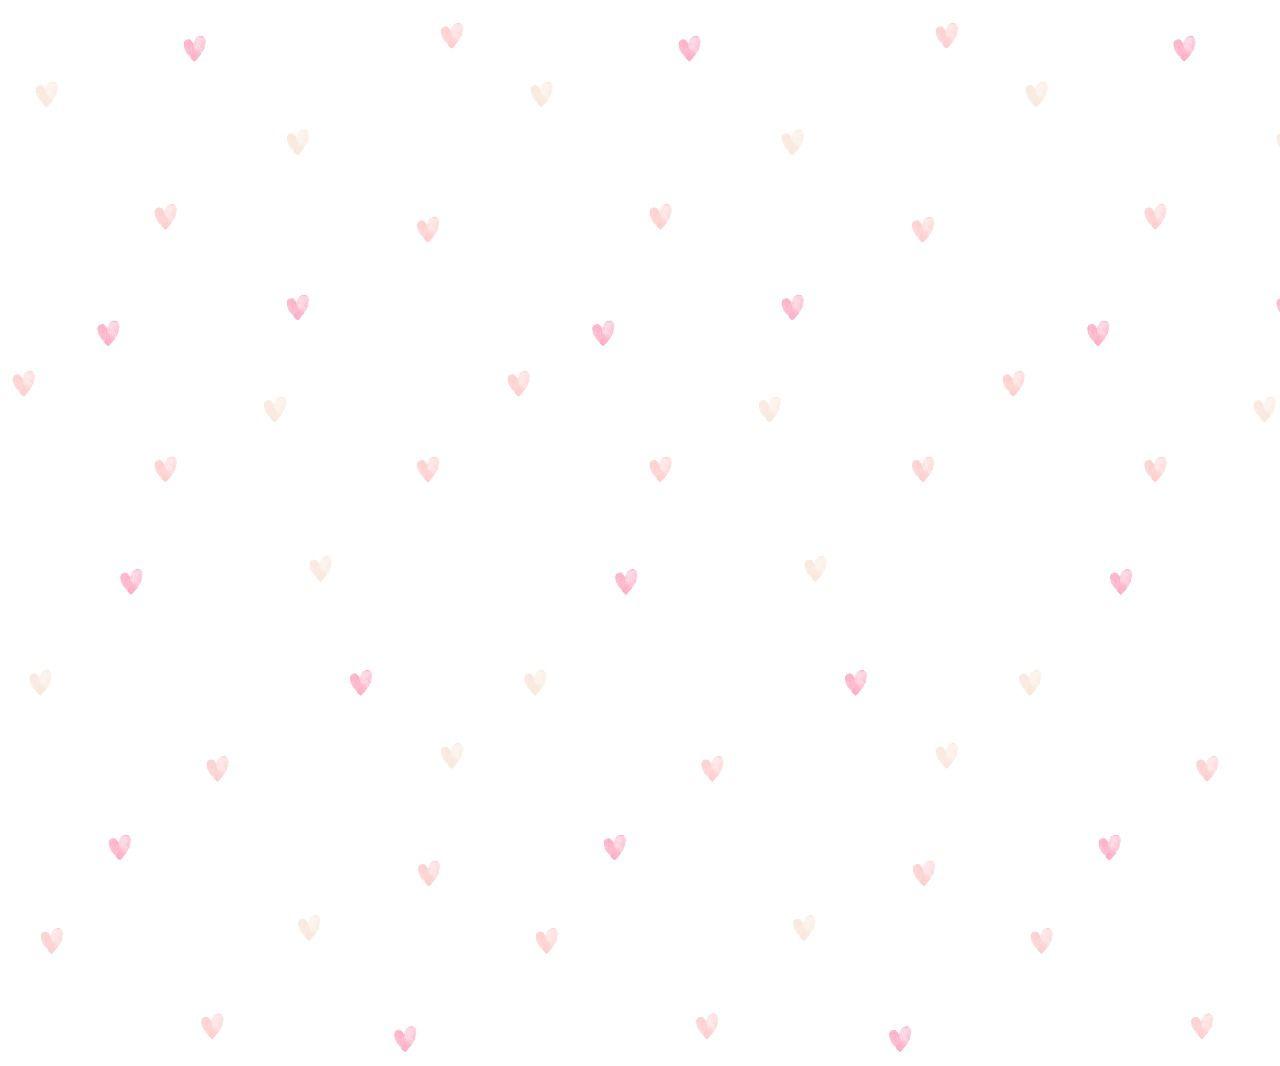 Papel de Parede corações Clau - Tons de Rosa